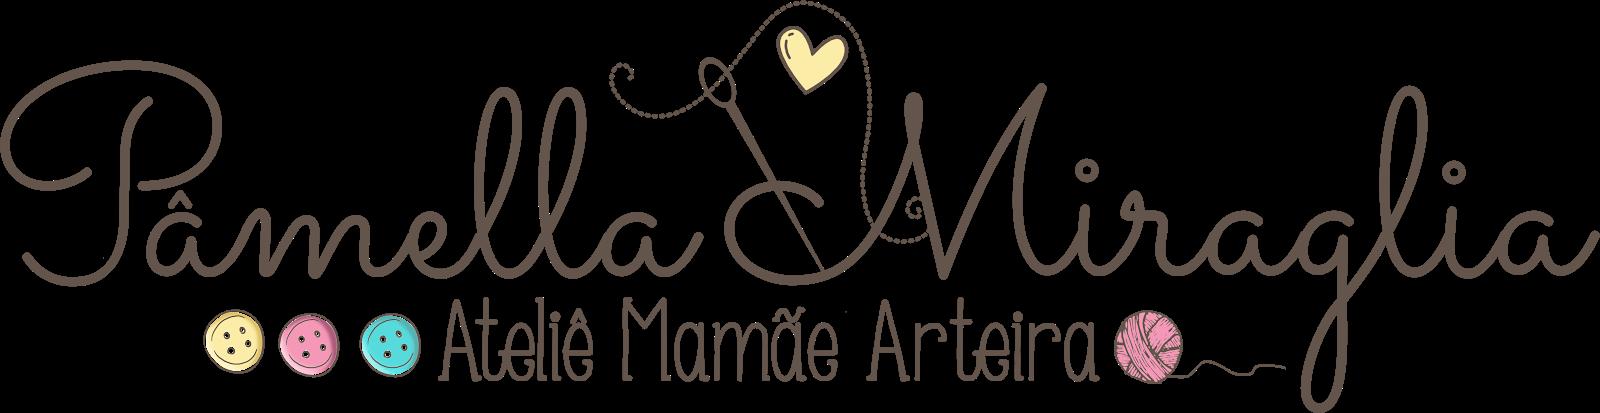 Mamãe Arteira by Pâmella Miraglia